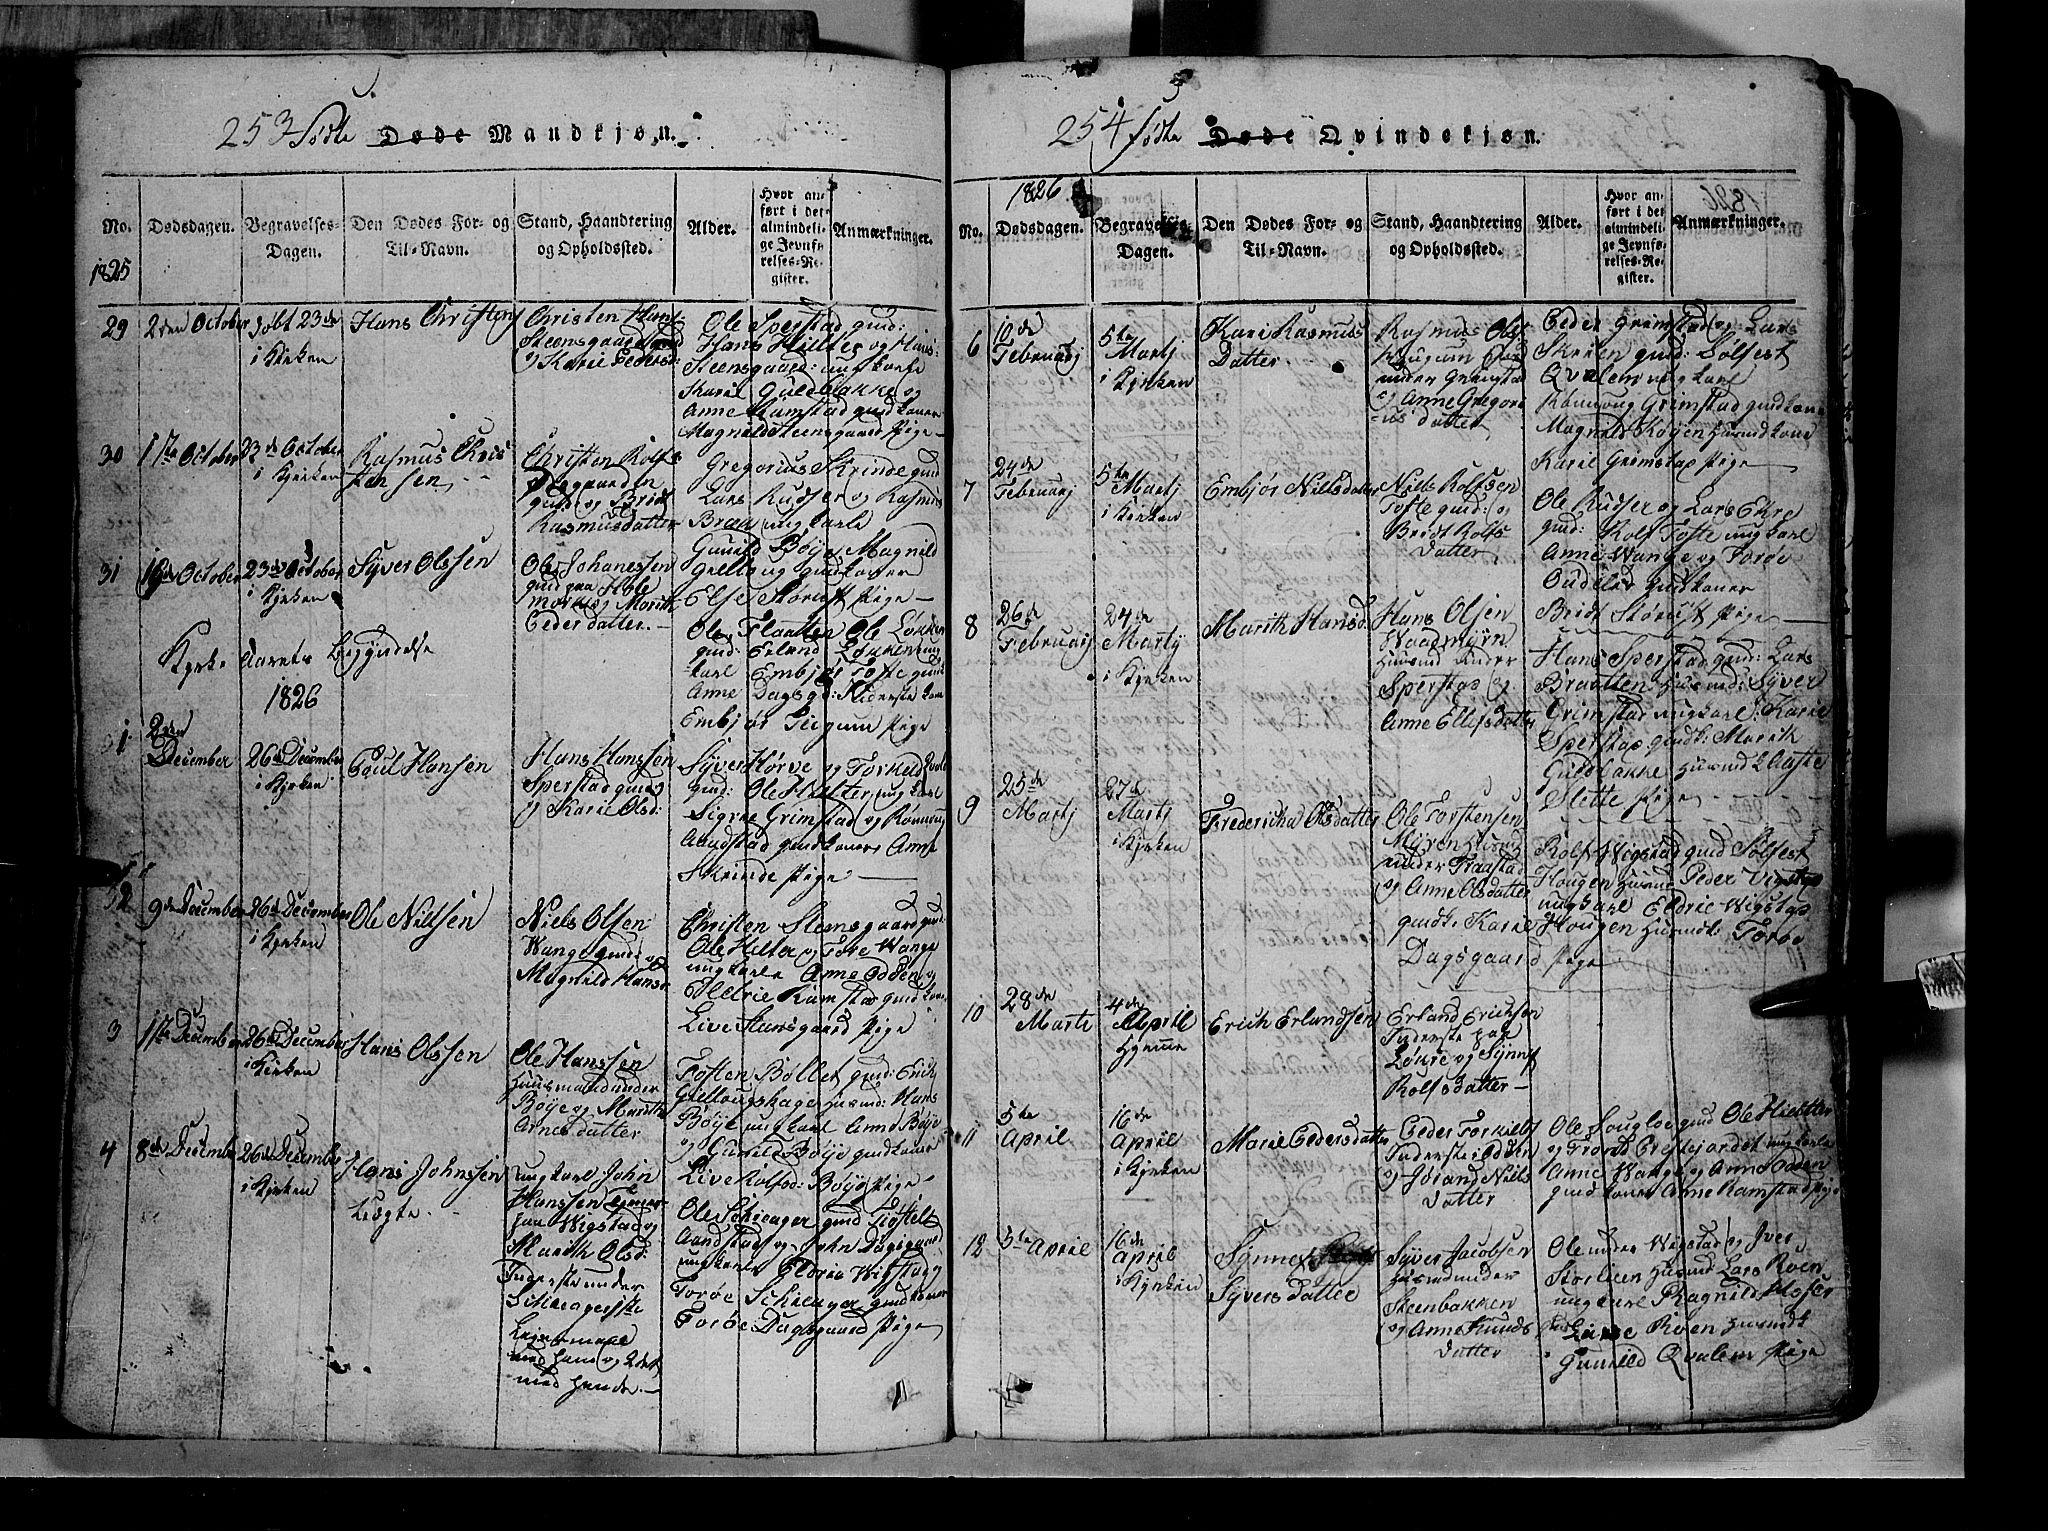 SAH, Lom prestekontor, L/L0003: Klokkerbok nr. 3, 1815-1844, s. 253-254